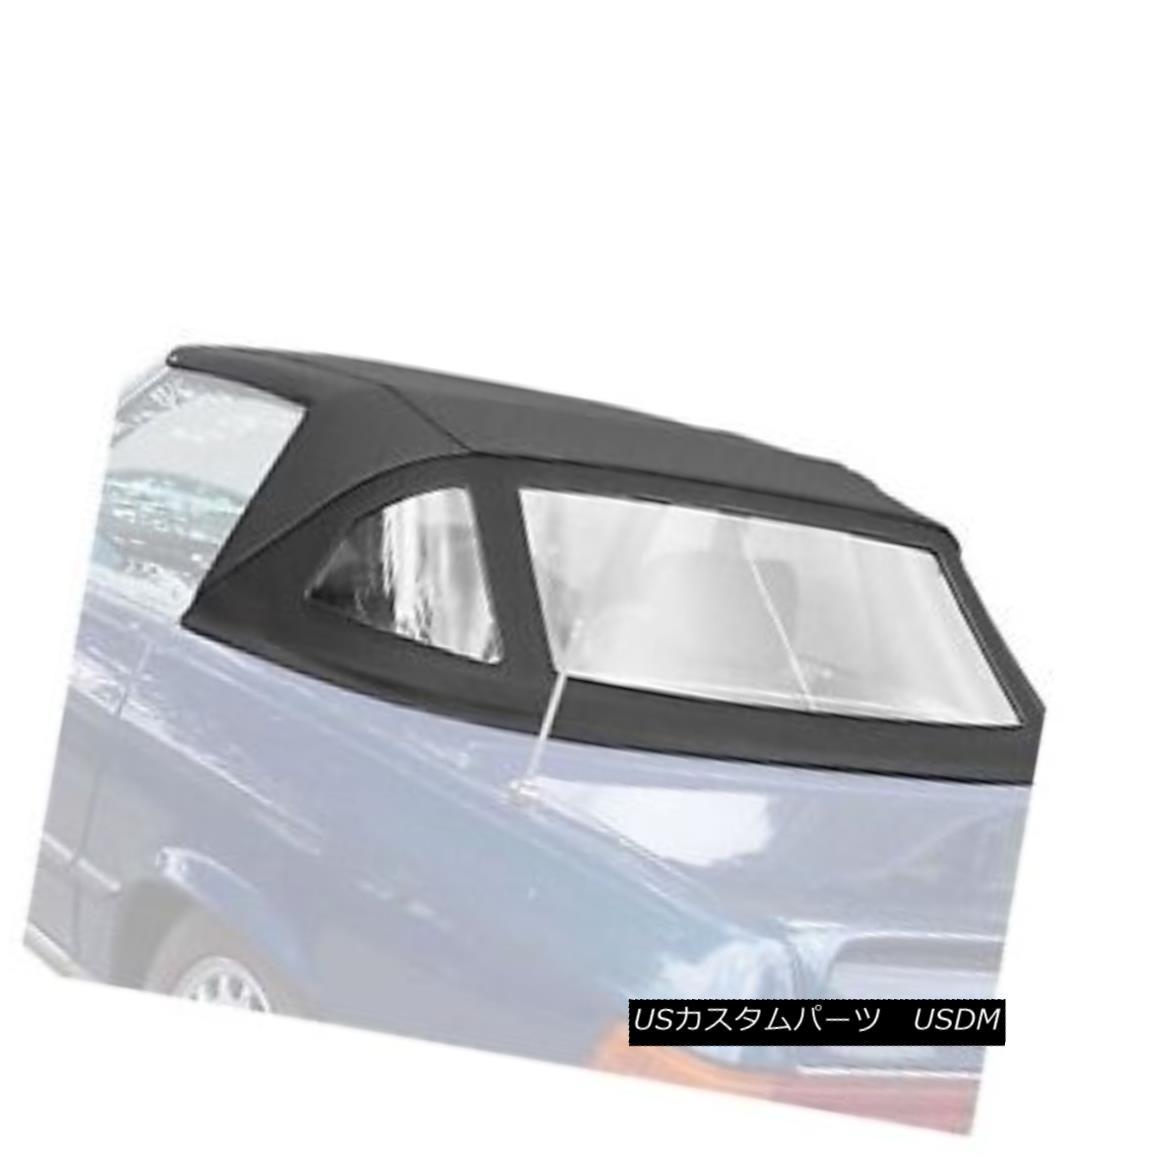 幌・ソフトトップ Mercedes-Benz SL R107 Mohair Soft Top, Black メルセデスベンツSL R107モヘアソフトトップ、ブラック